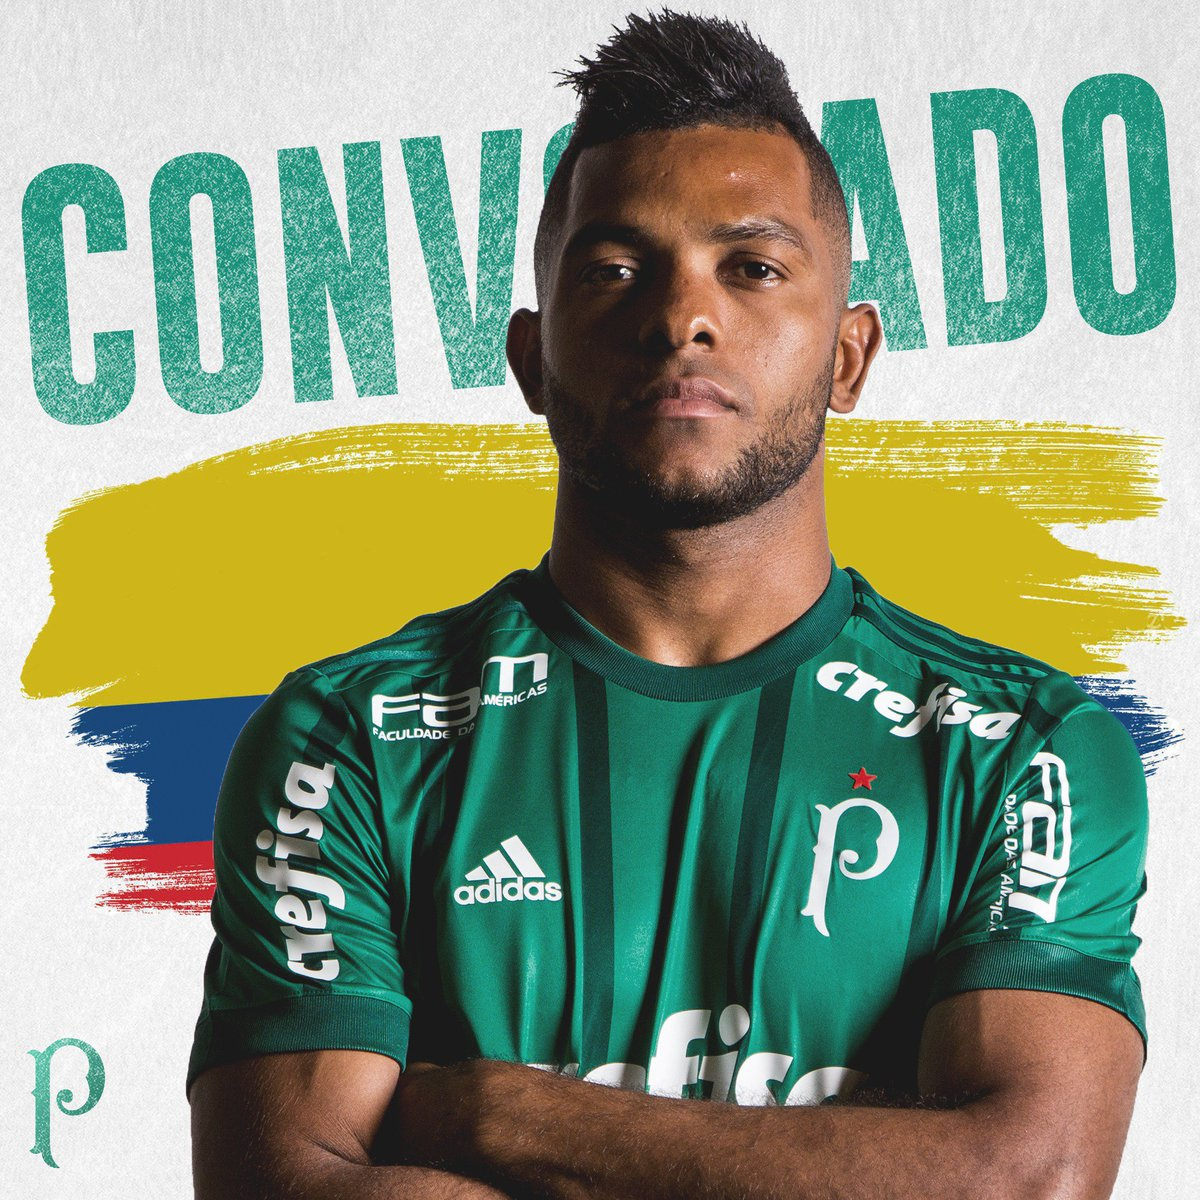 O artilheiro do Verdão começou o ano voando e foi convocado pela seleção colombiana para amistosos contra França e Austrália. Parabéns, Borja! 🇨🇴  #AvantiPalestra